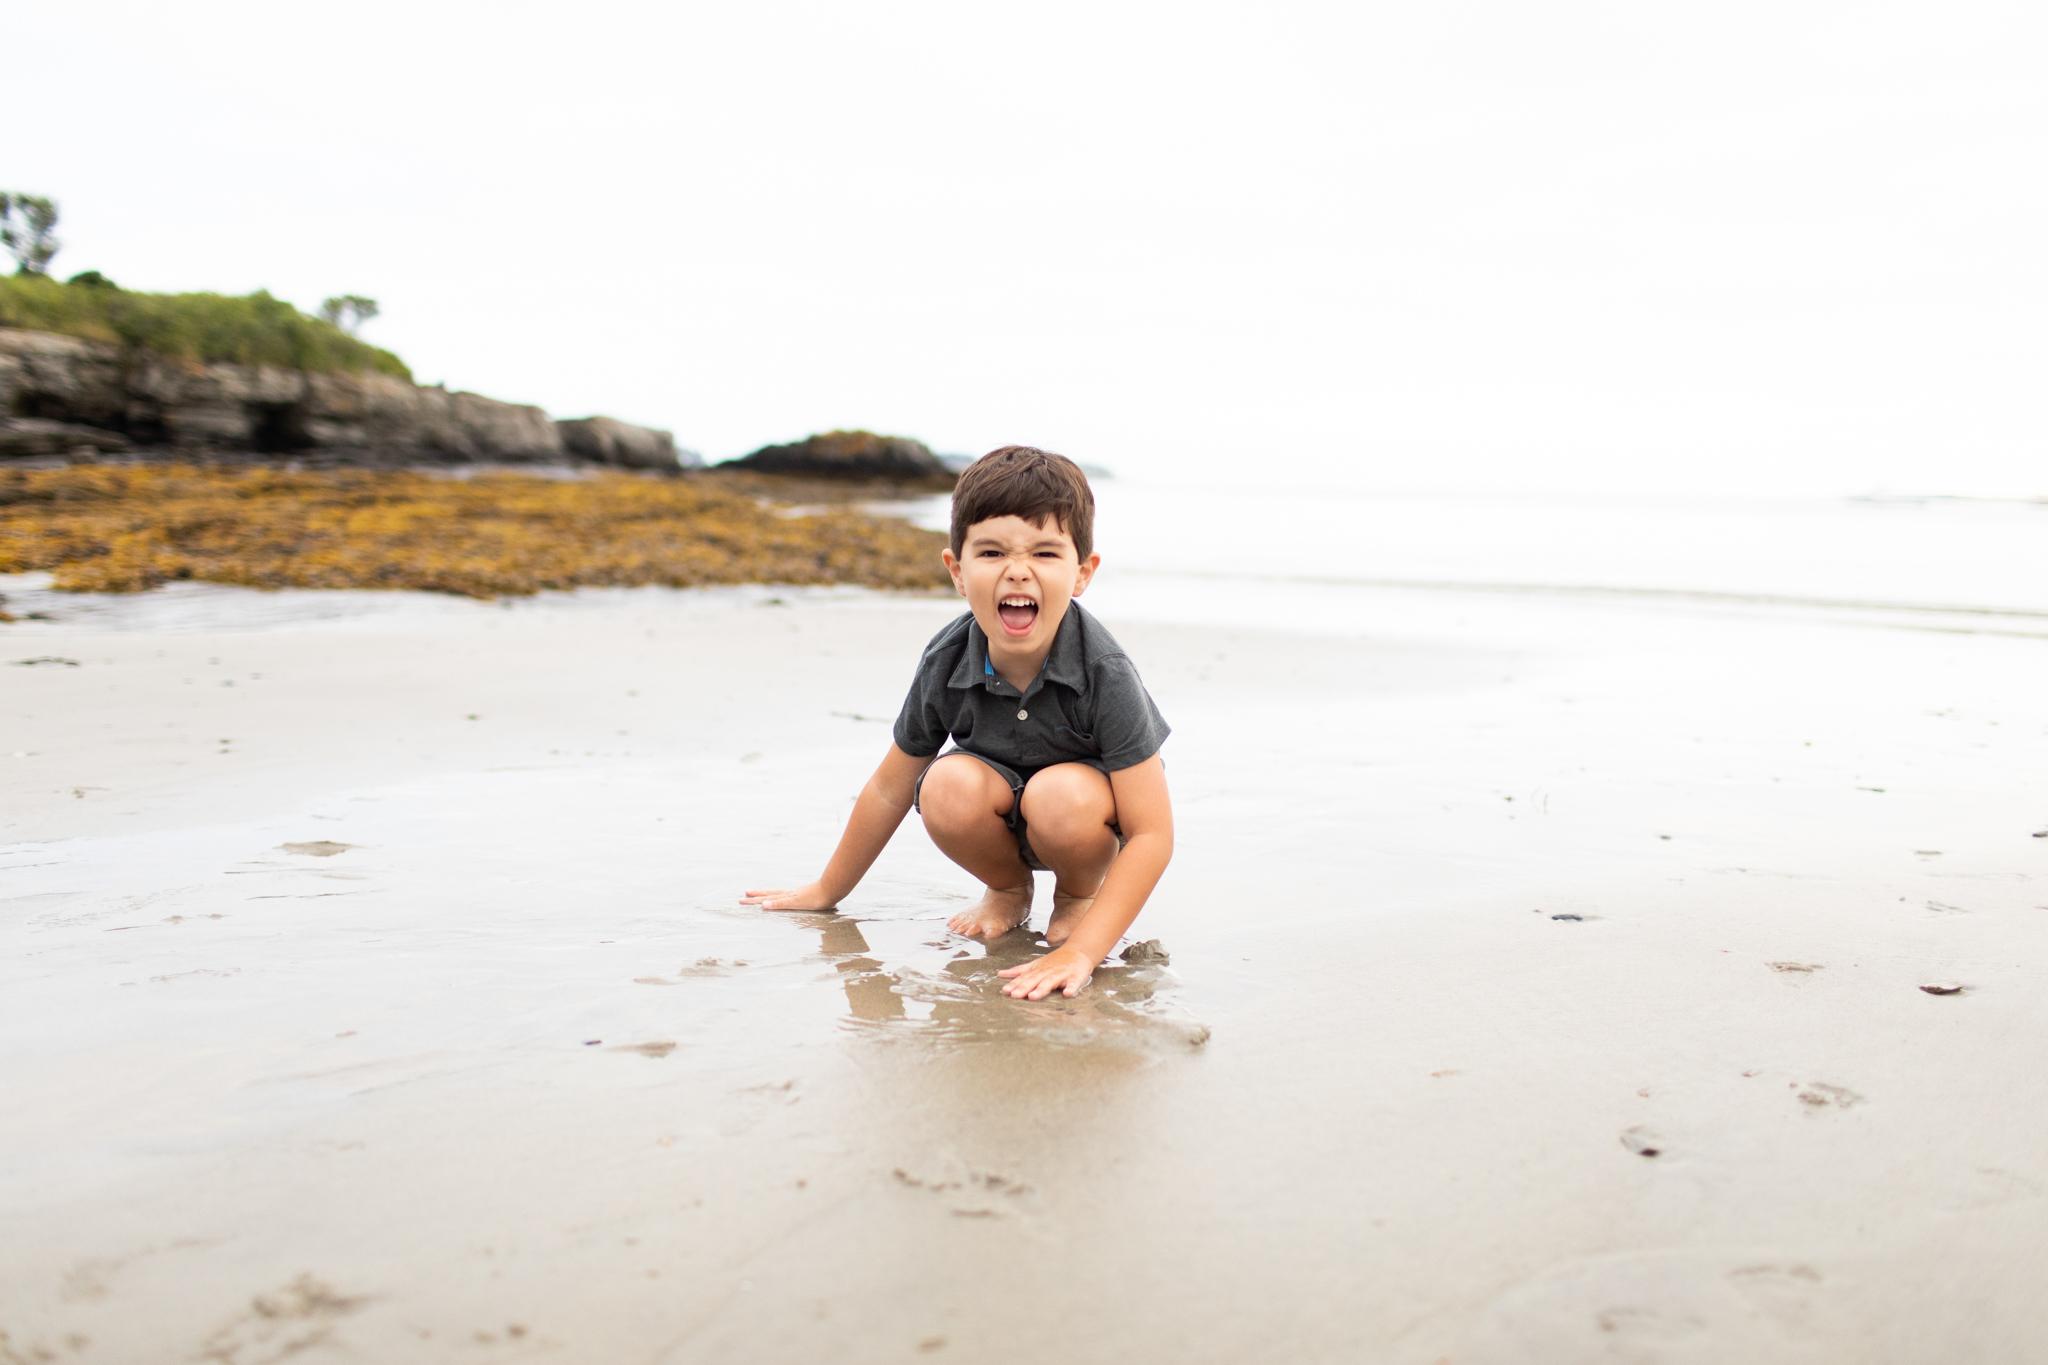 maine-family-photographer-beach-lifestyle -87.jpg